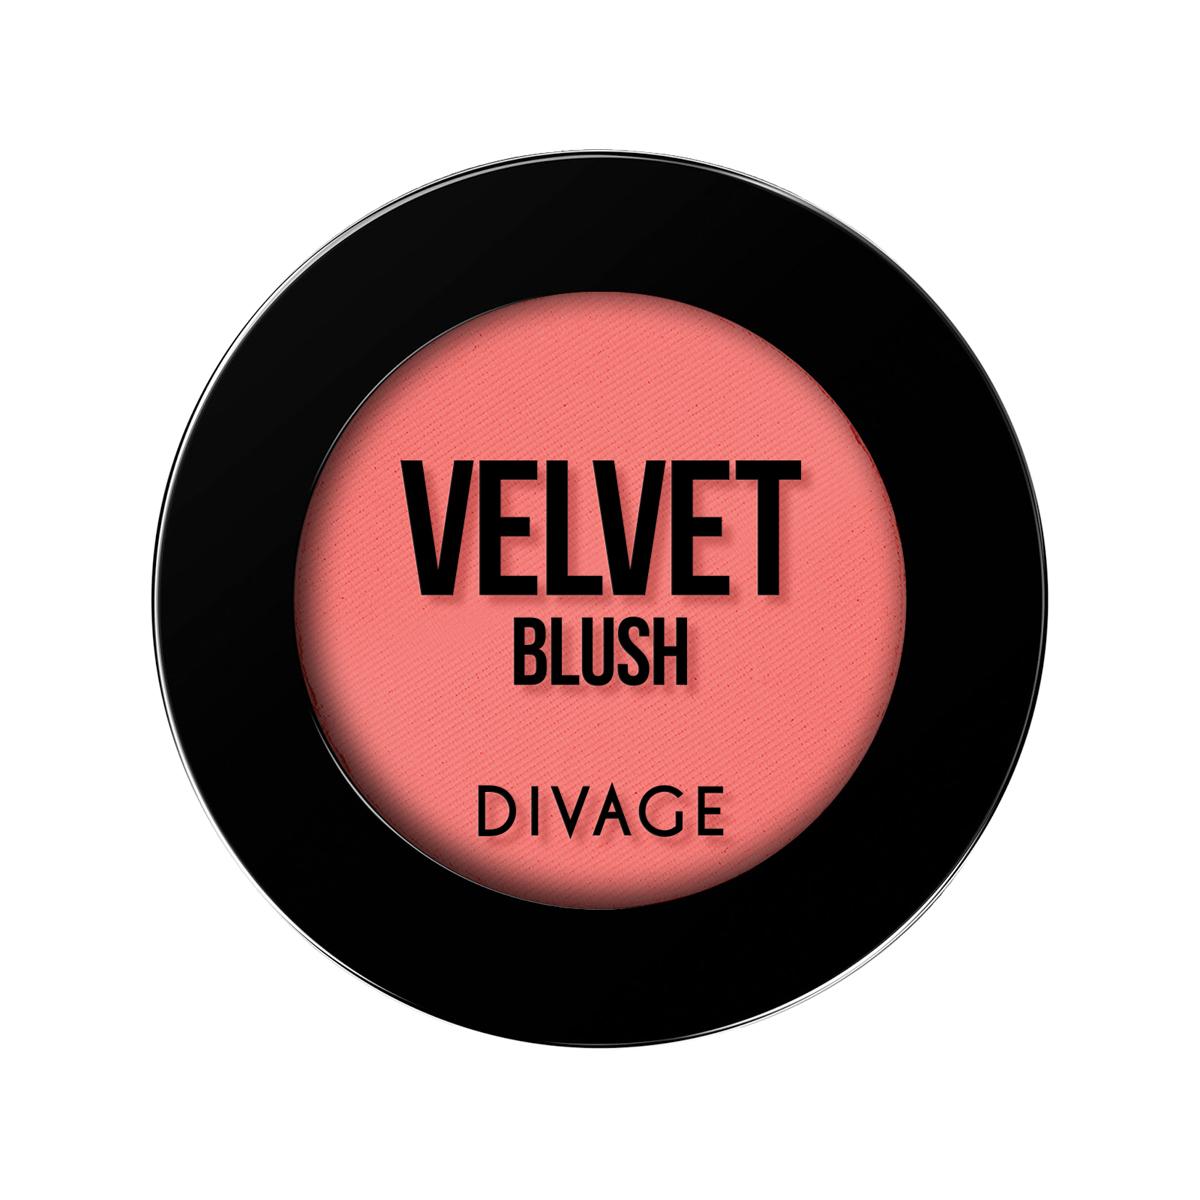 DIVAGE Румяна компактные VELVET, тон № 8702, 4 гр.28032022Румяна VELVET - это естественный оттенок утренней свежести, придающий лицу сияющий и отдохнувший вид. Румяна с деликатным матовым эффектом создают максимально естественный образ. Формула с мелкодисперсной текстурой не перегружает макияж. Стойкий цветовой пигмент сохраняется в течение всего дня. Палитра из четырёх оттенков позволяет использовать этот продукт как для придания легкого румянца, так и для коррекции овала лица.